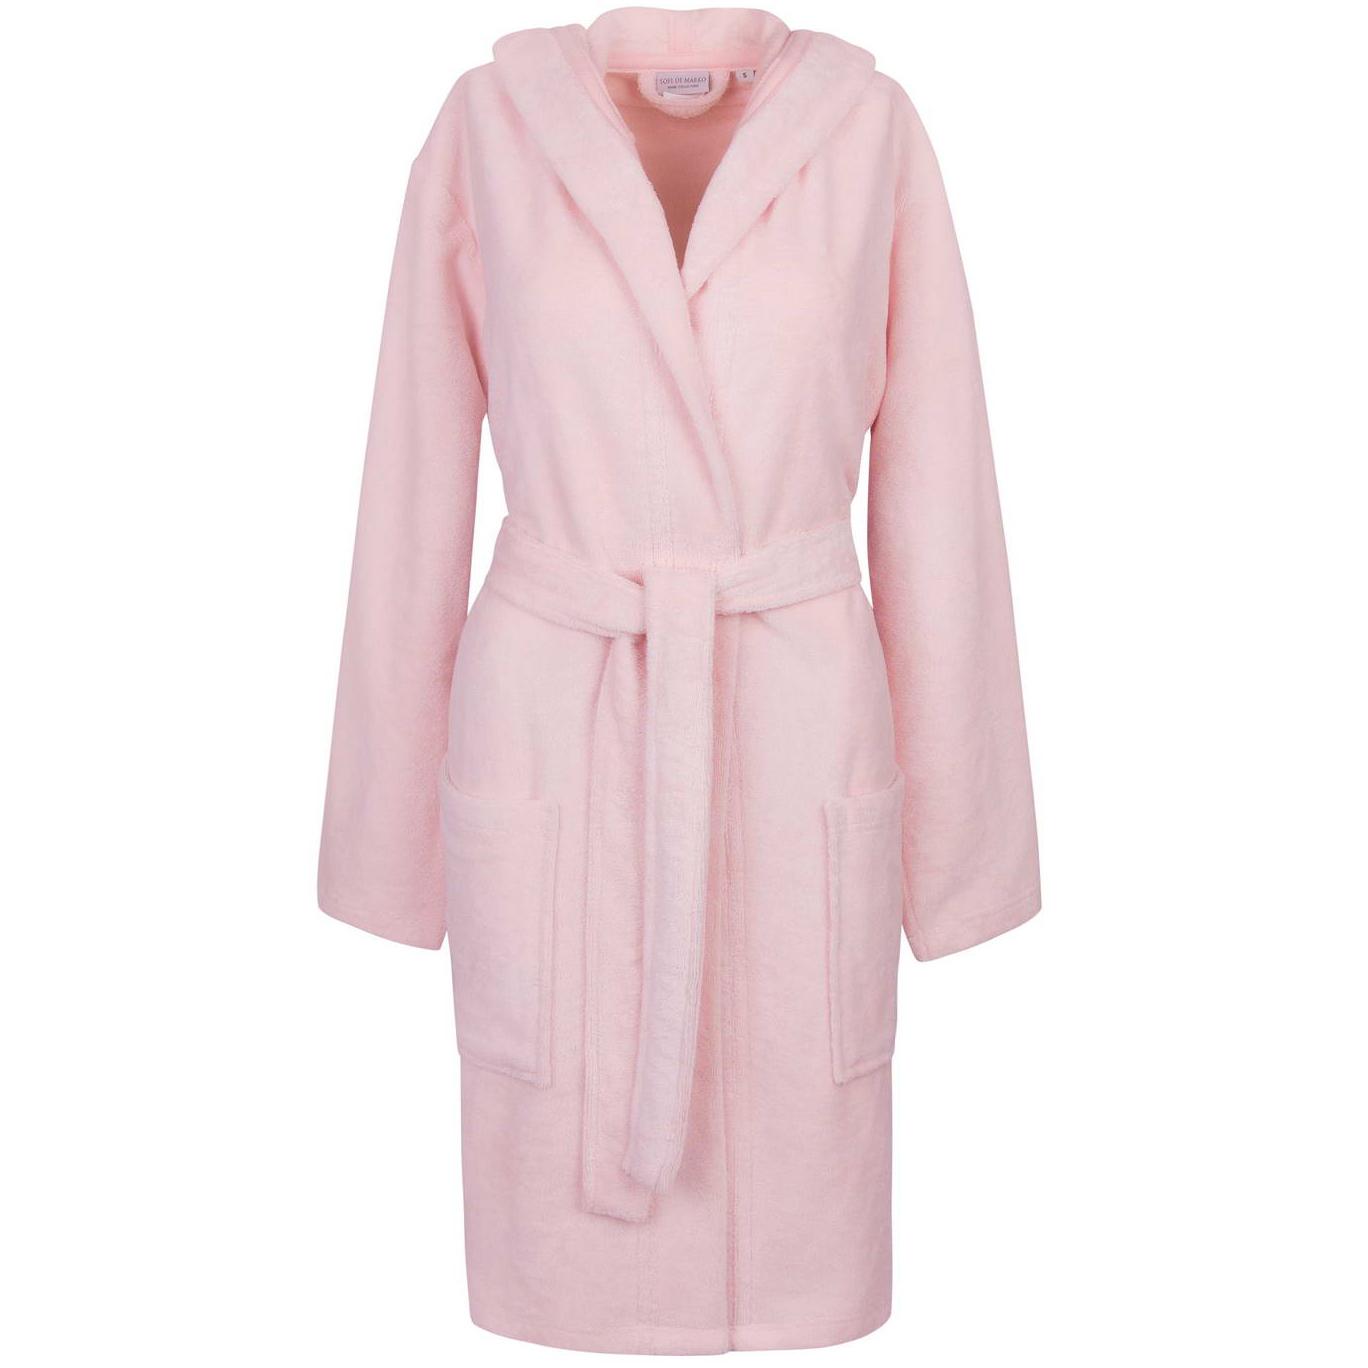 Фото - Халат махровый Sofi De Marko Шанти розовый XL халат махровый sofi de marko шанти бежевый m